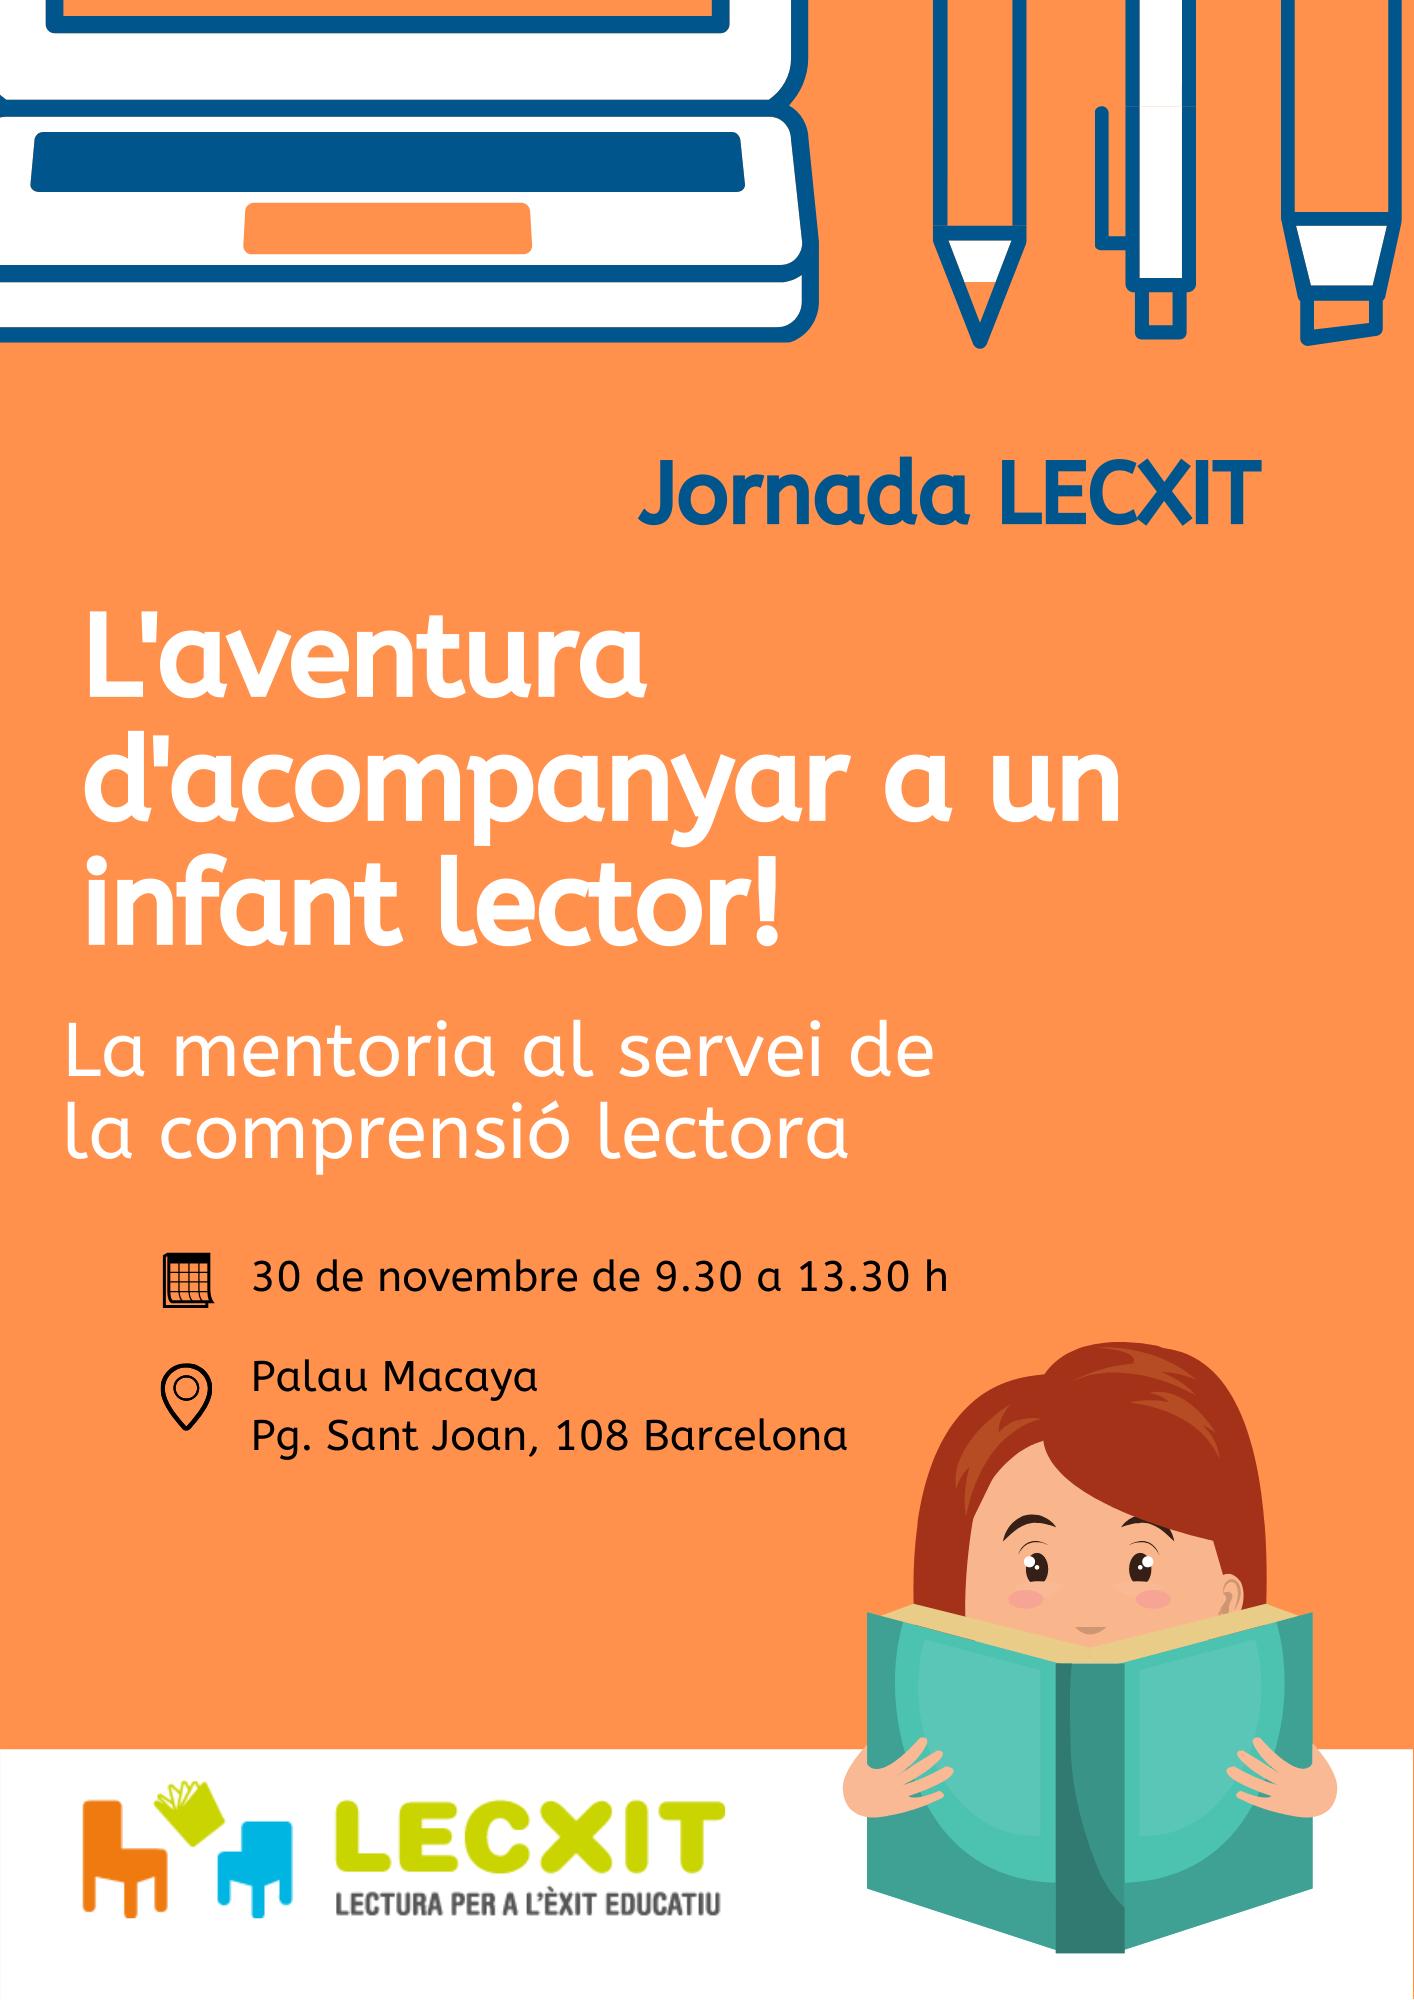 L'aventura d'acompanyar a un infant lector!